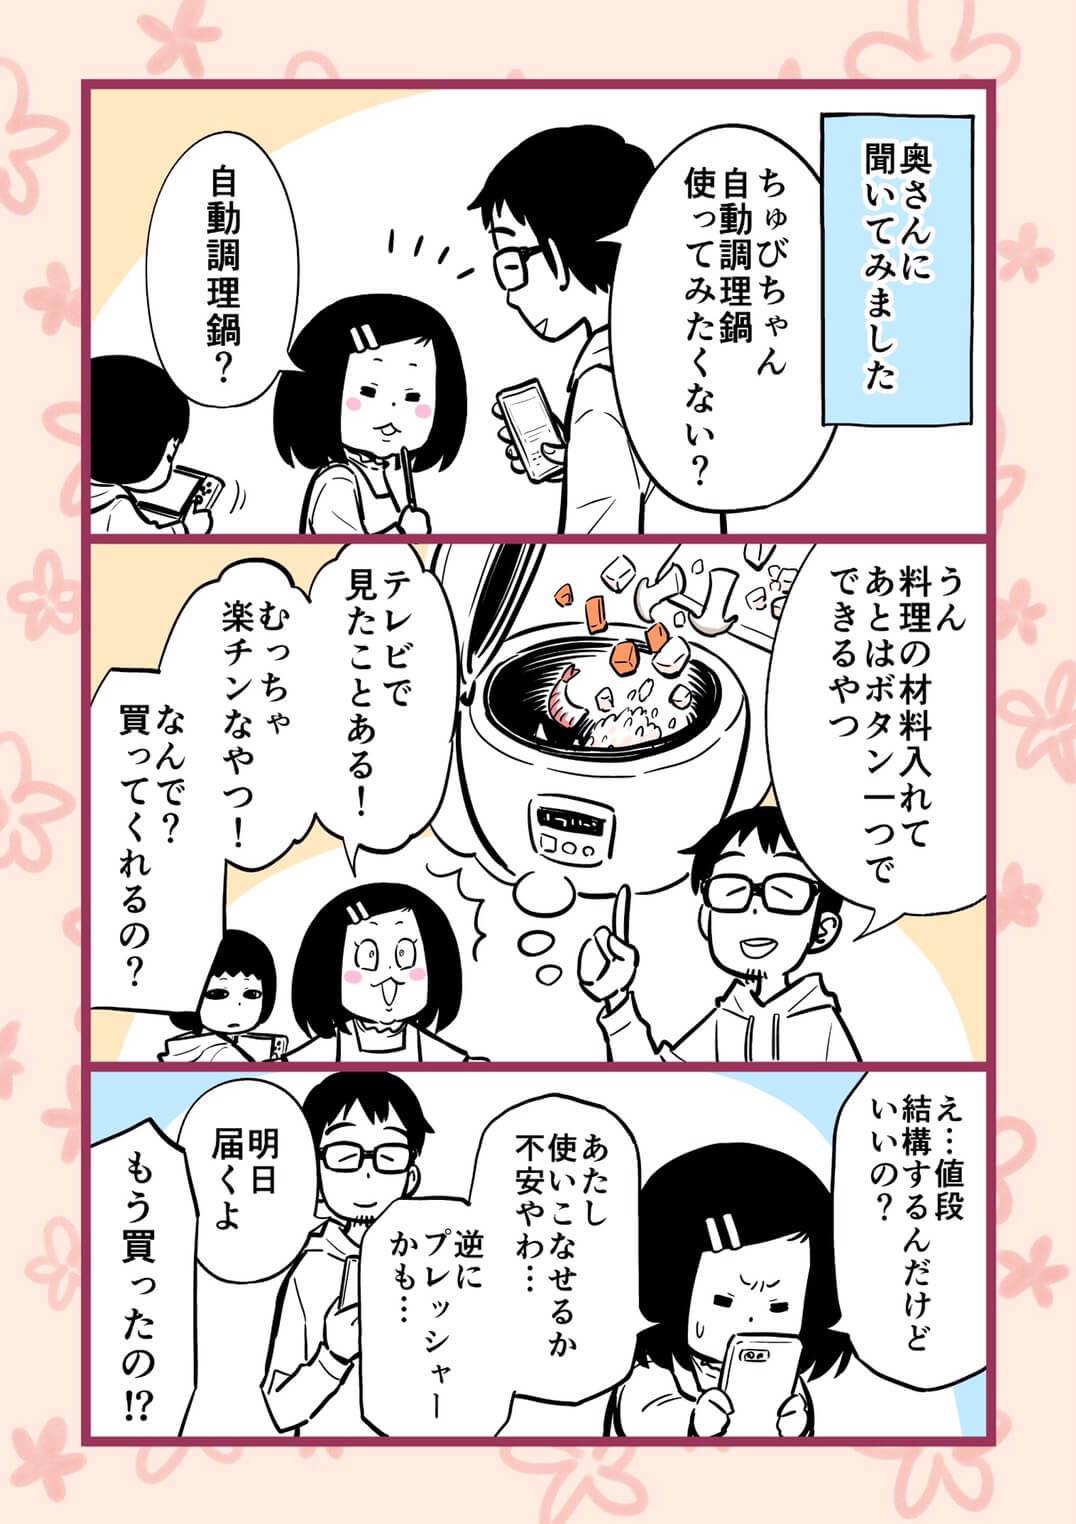 【漫画】T-falクックフォーミーエクスプレスをレンタルしてみた